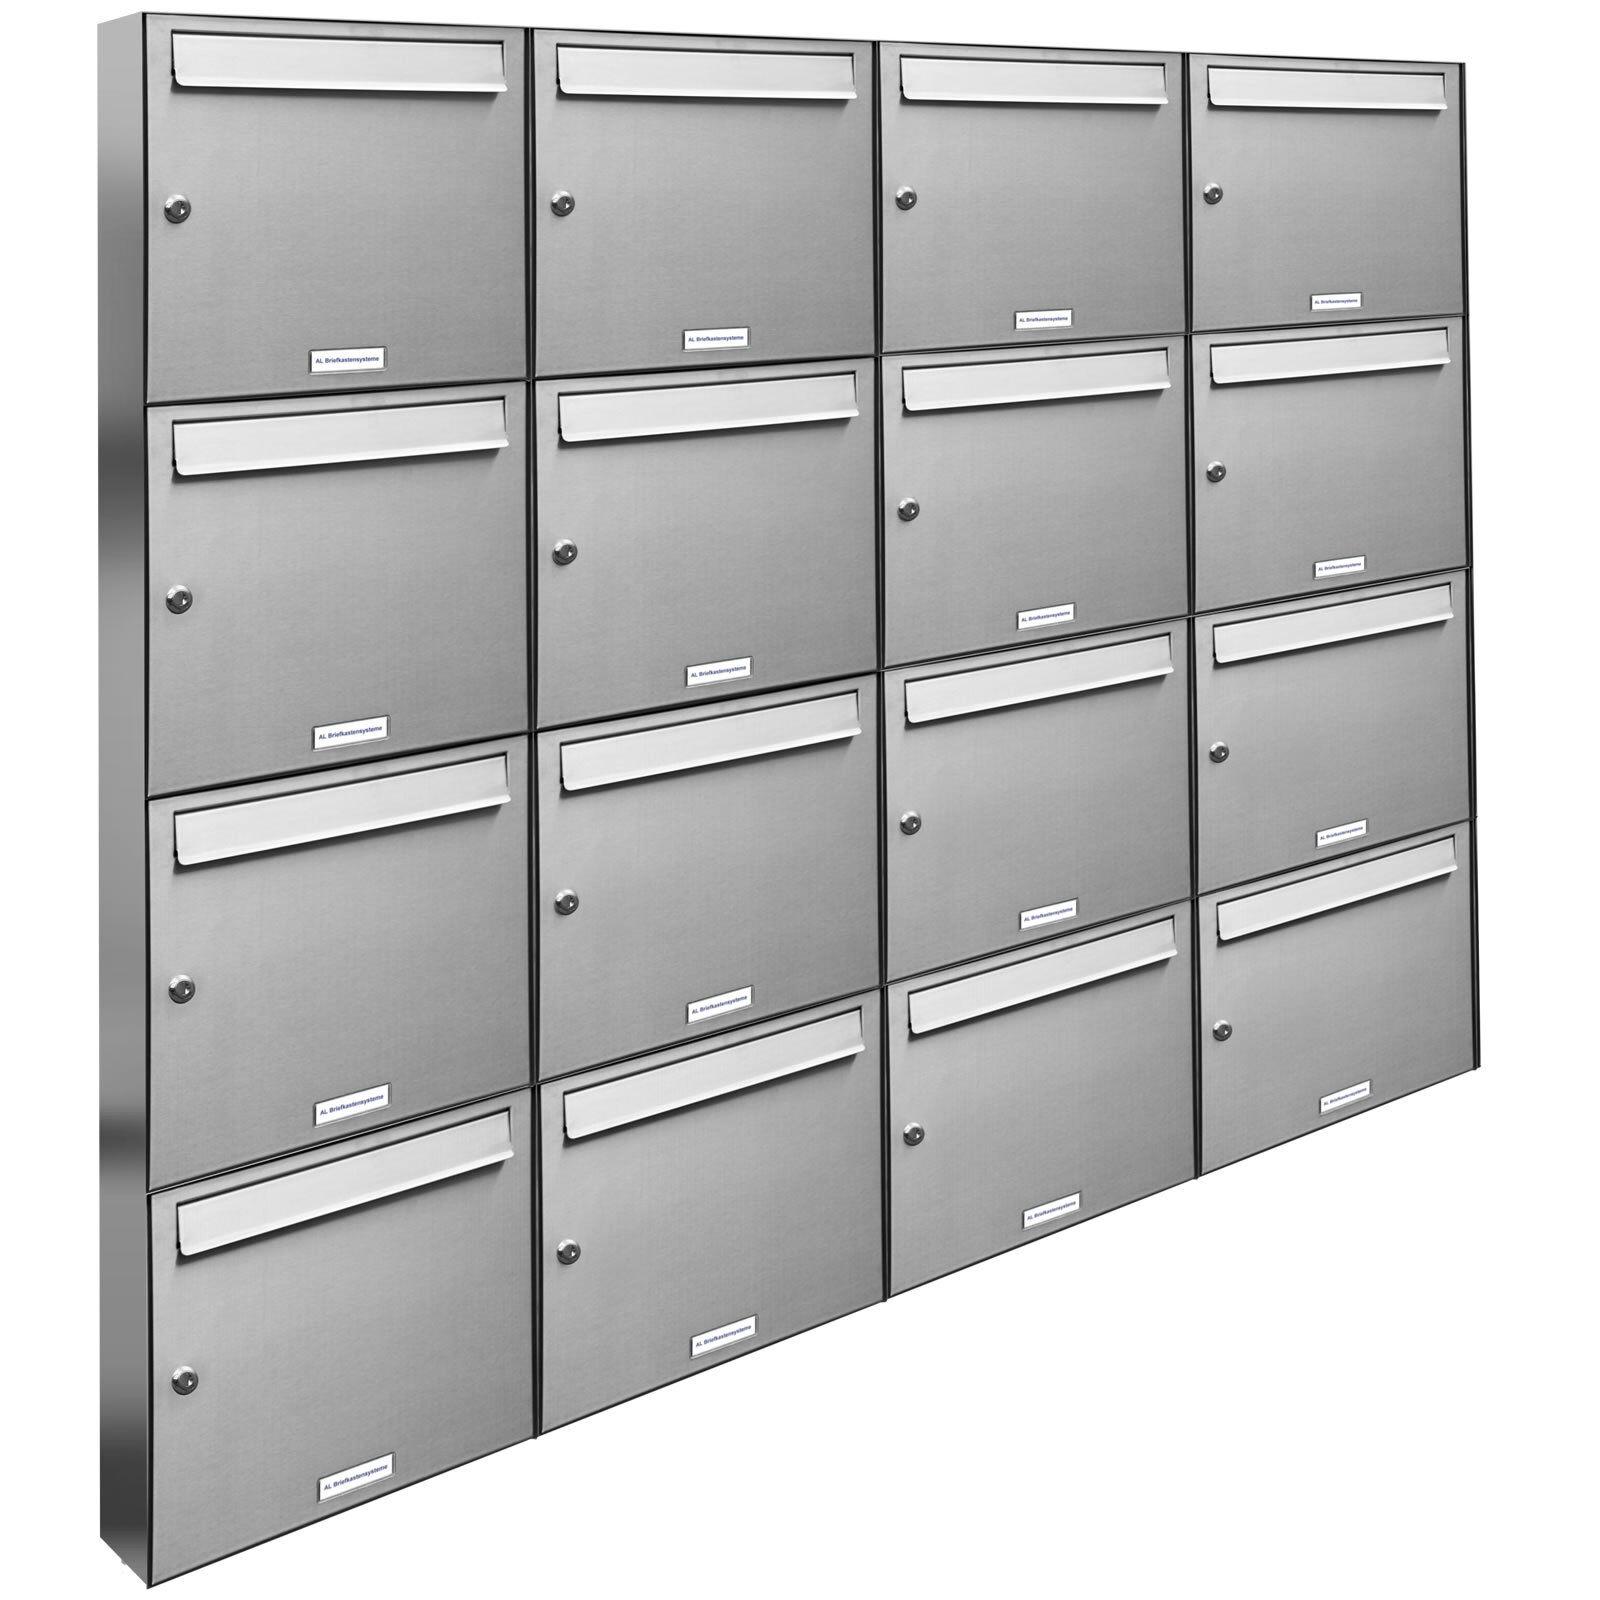 16 er Premium Edelstahl Wand Briefkasten Anlage A4 Postkasten Fach Anordng. 4x4